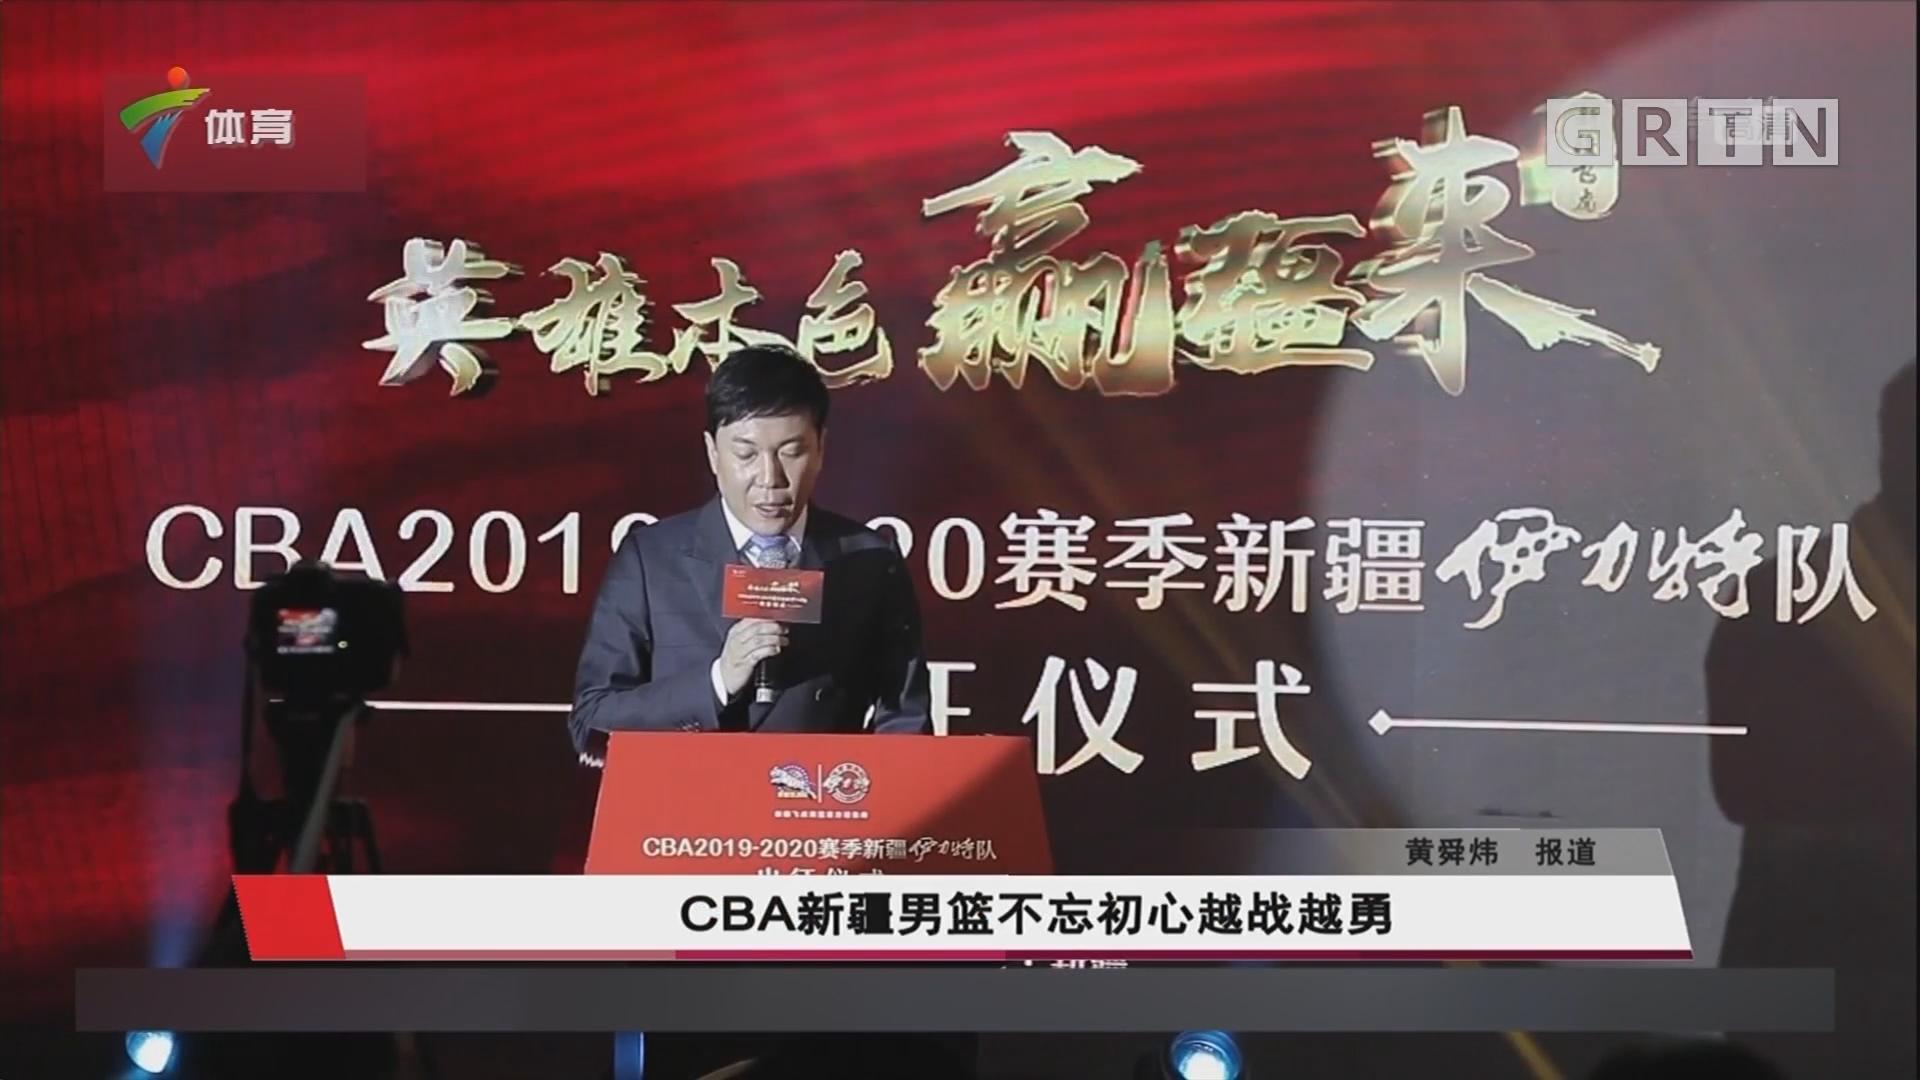 CBA新疆男篮不忘初心越战越勇